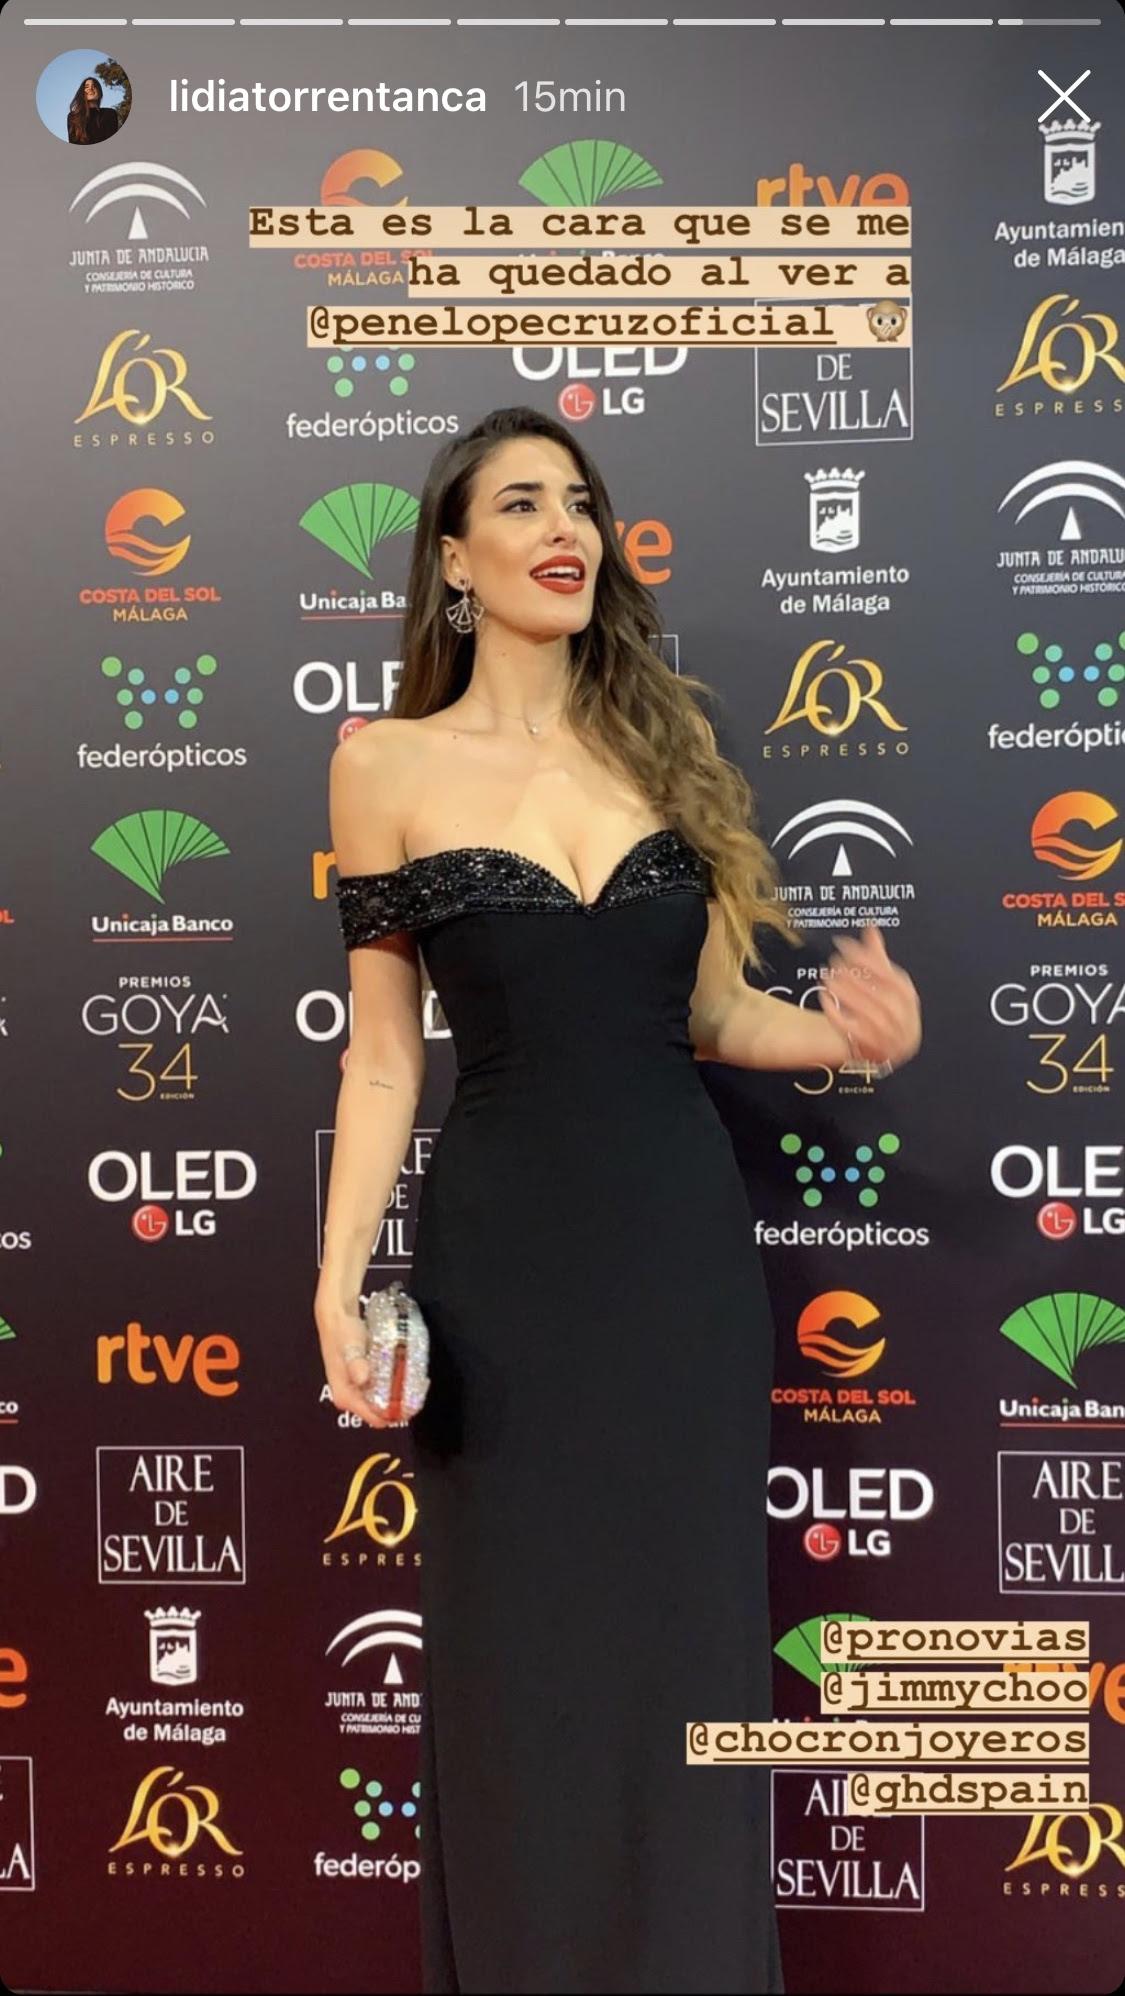 e9ce2af1 fb48 4ba1 8a14 af0e63f42f55 - Premios Goya 2020 : Looks de todas las celebrities que lucieron  marcas de Replica